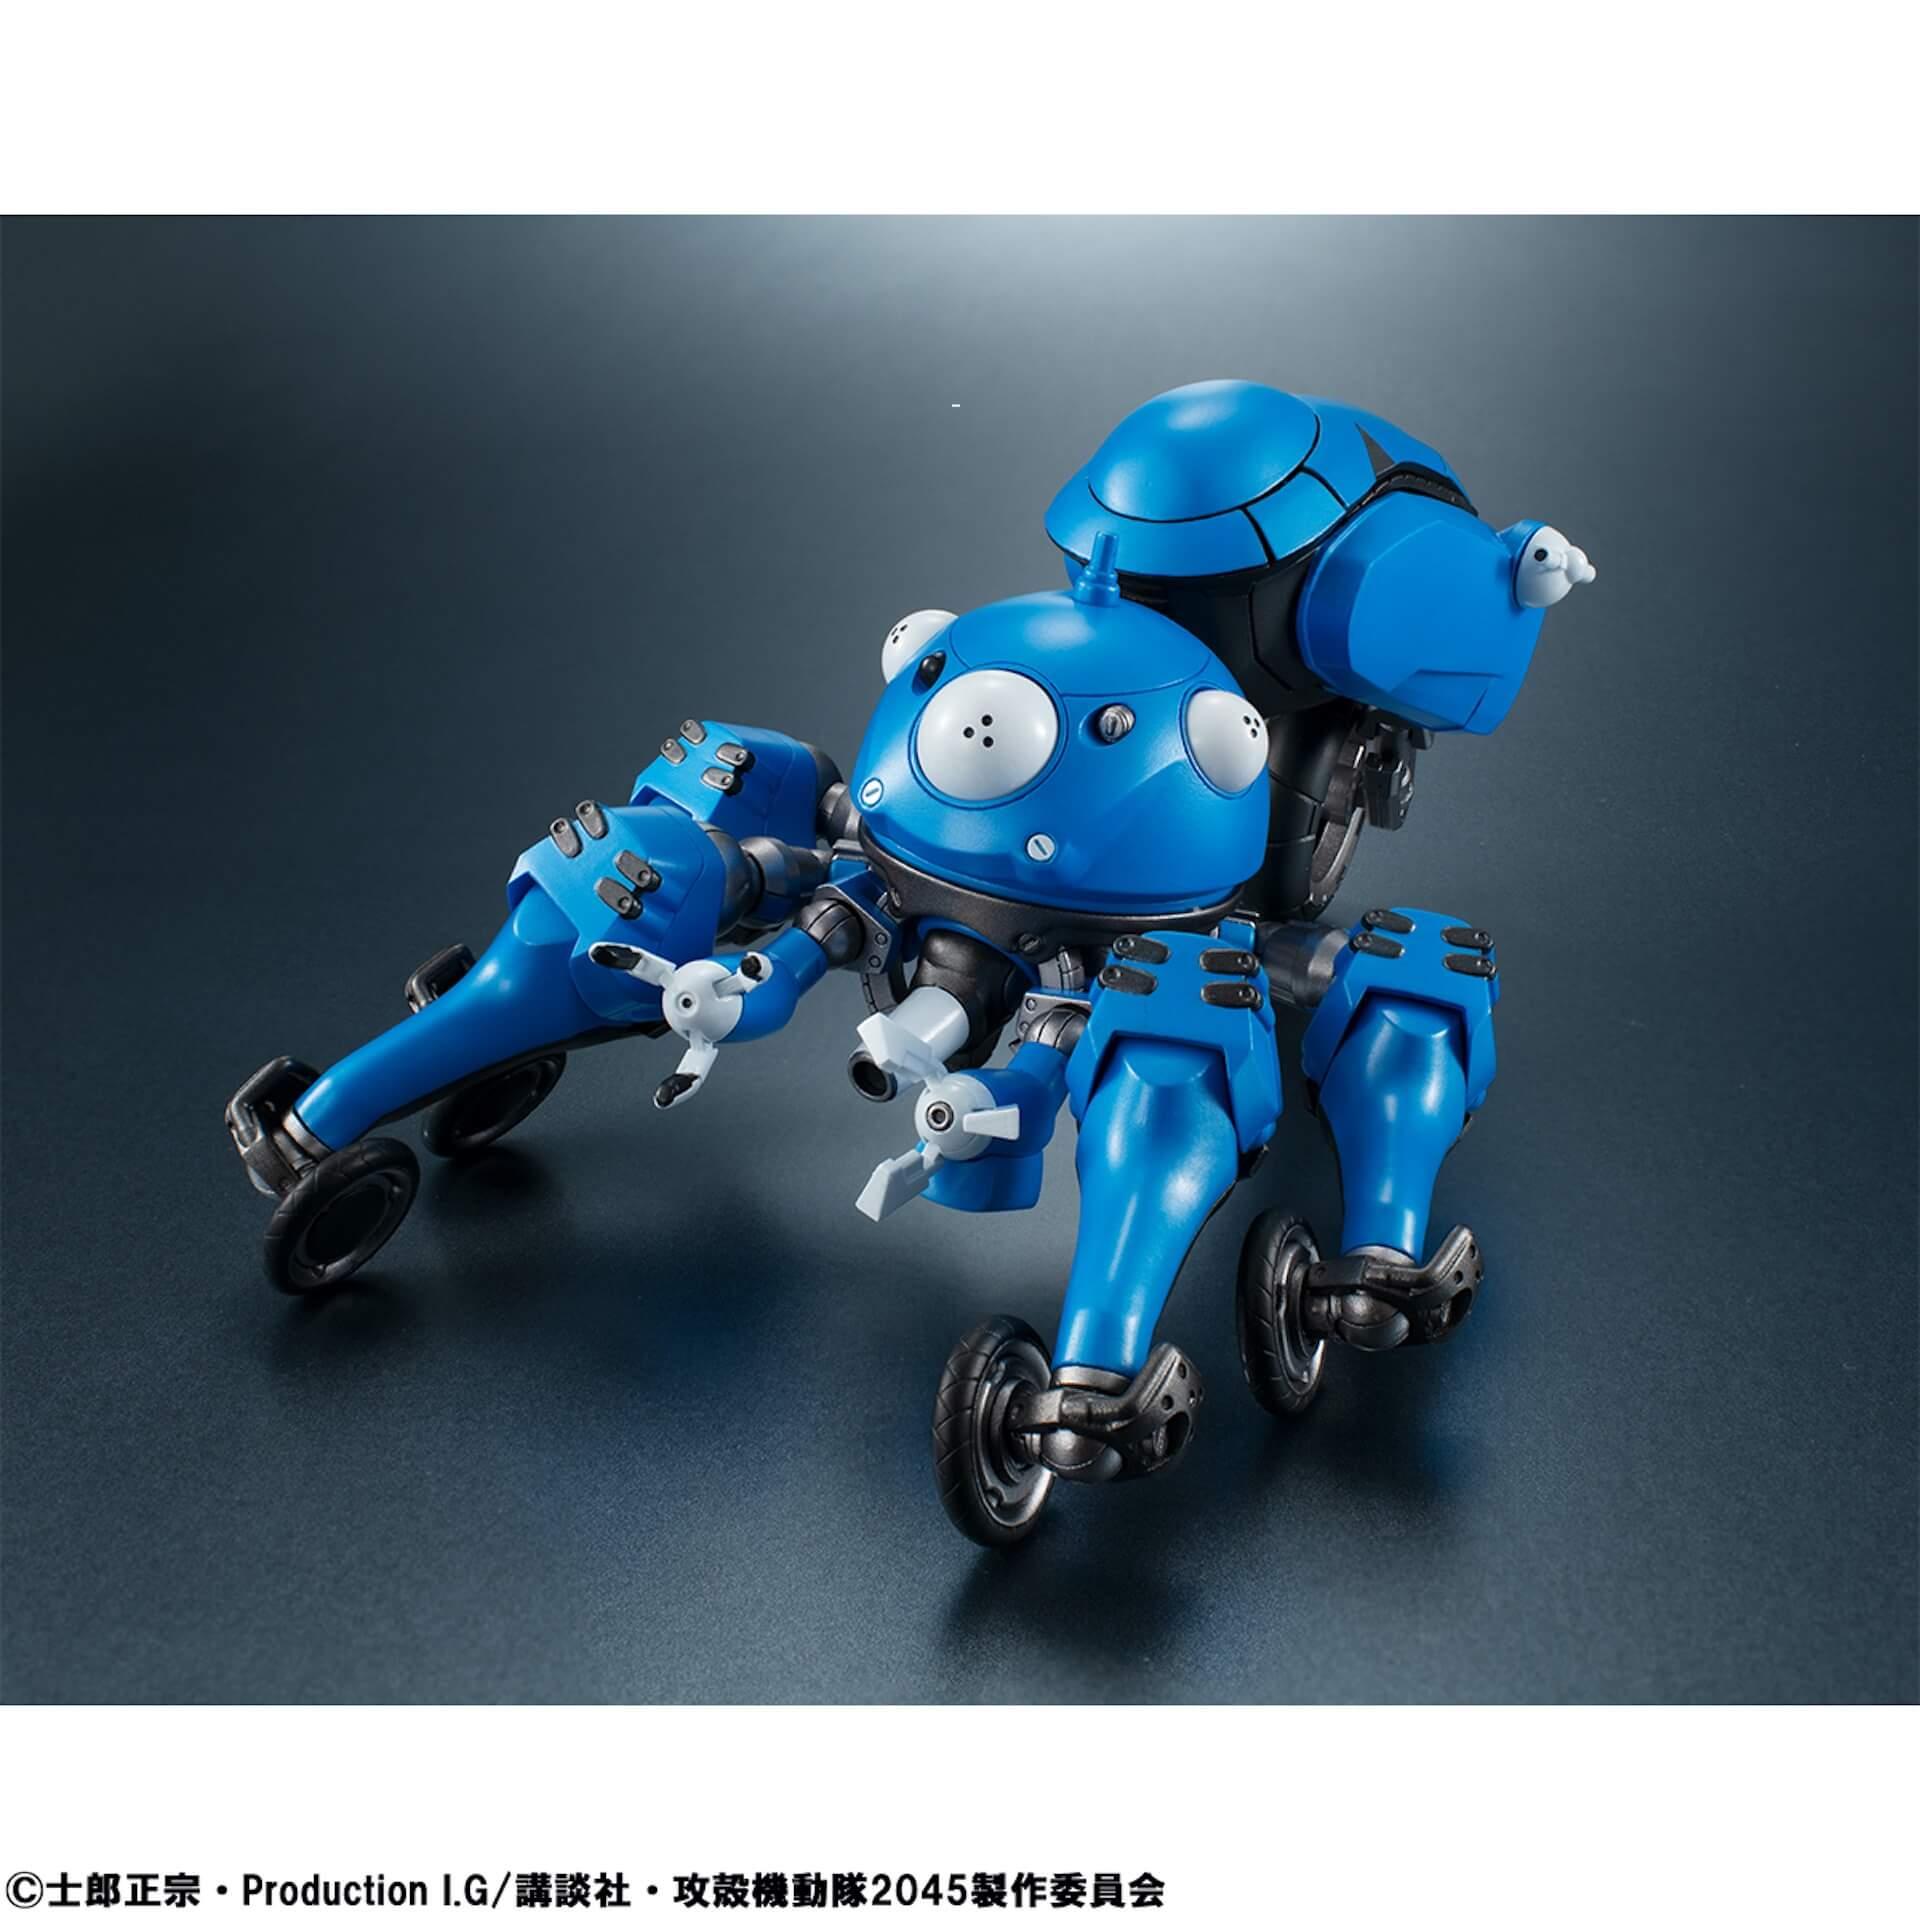 豊富なギミックありの『攻殻機動隊 SAC_2045』タチコマフィギュアがメガハウスから登場!背面ポッドに少佐が搭乗可能 ac200701_tachikoma_figure_06